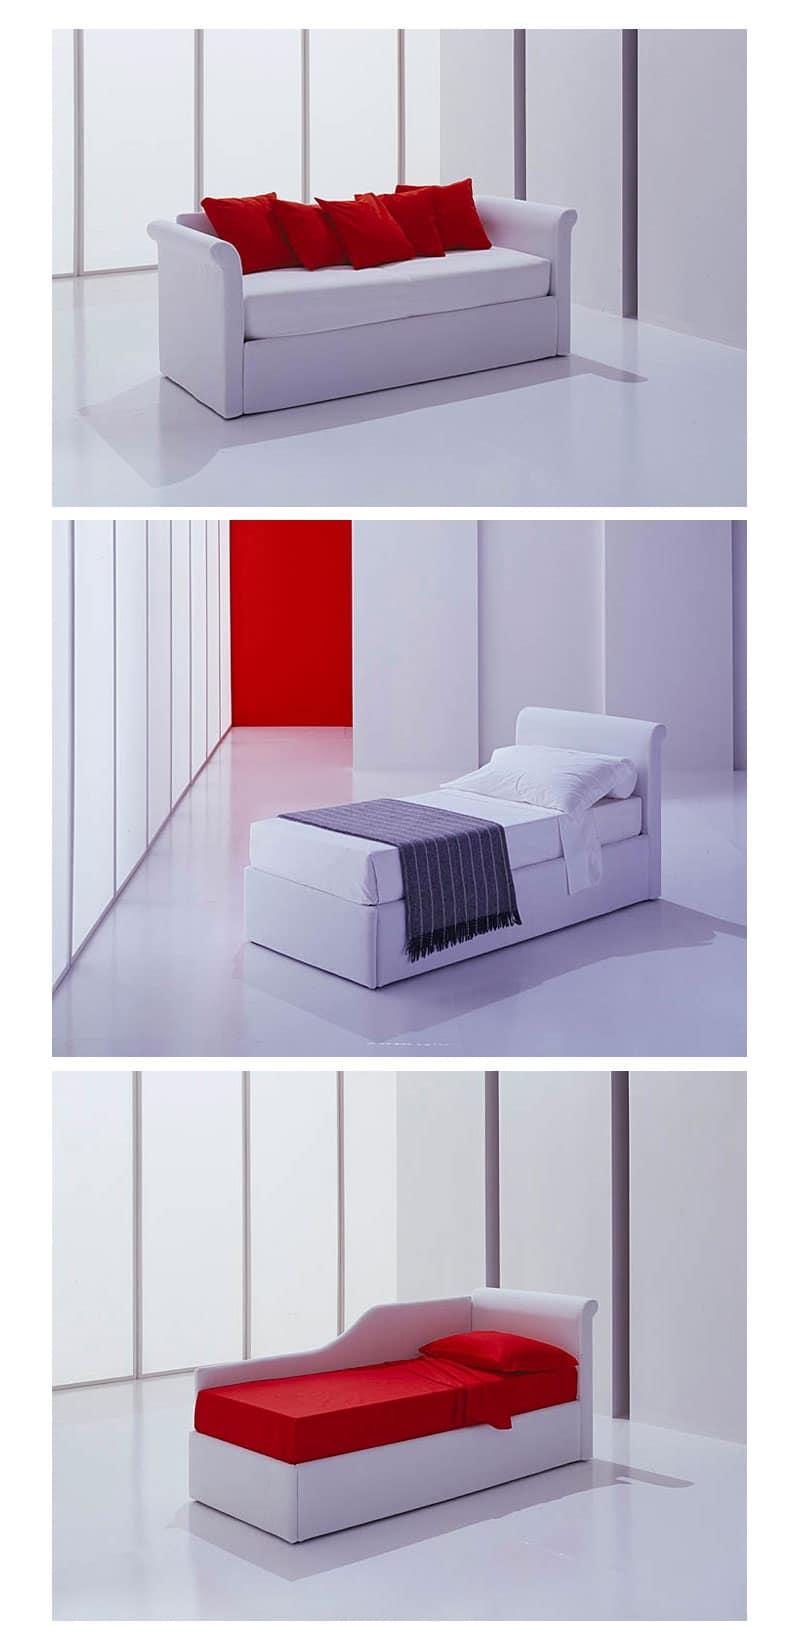 Imbottiti divani divani letto idf - Divani letto salvaspazio ...